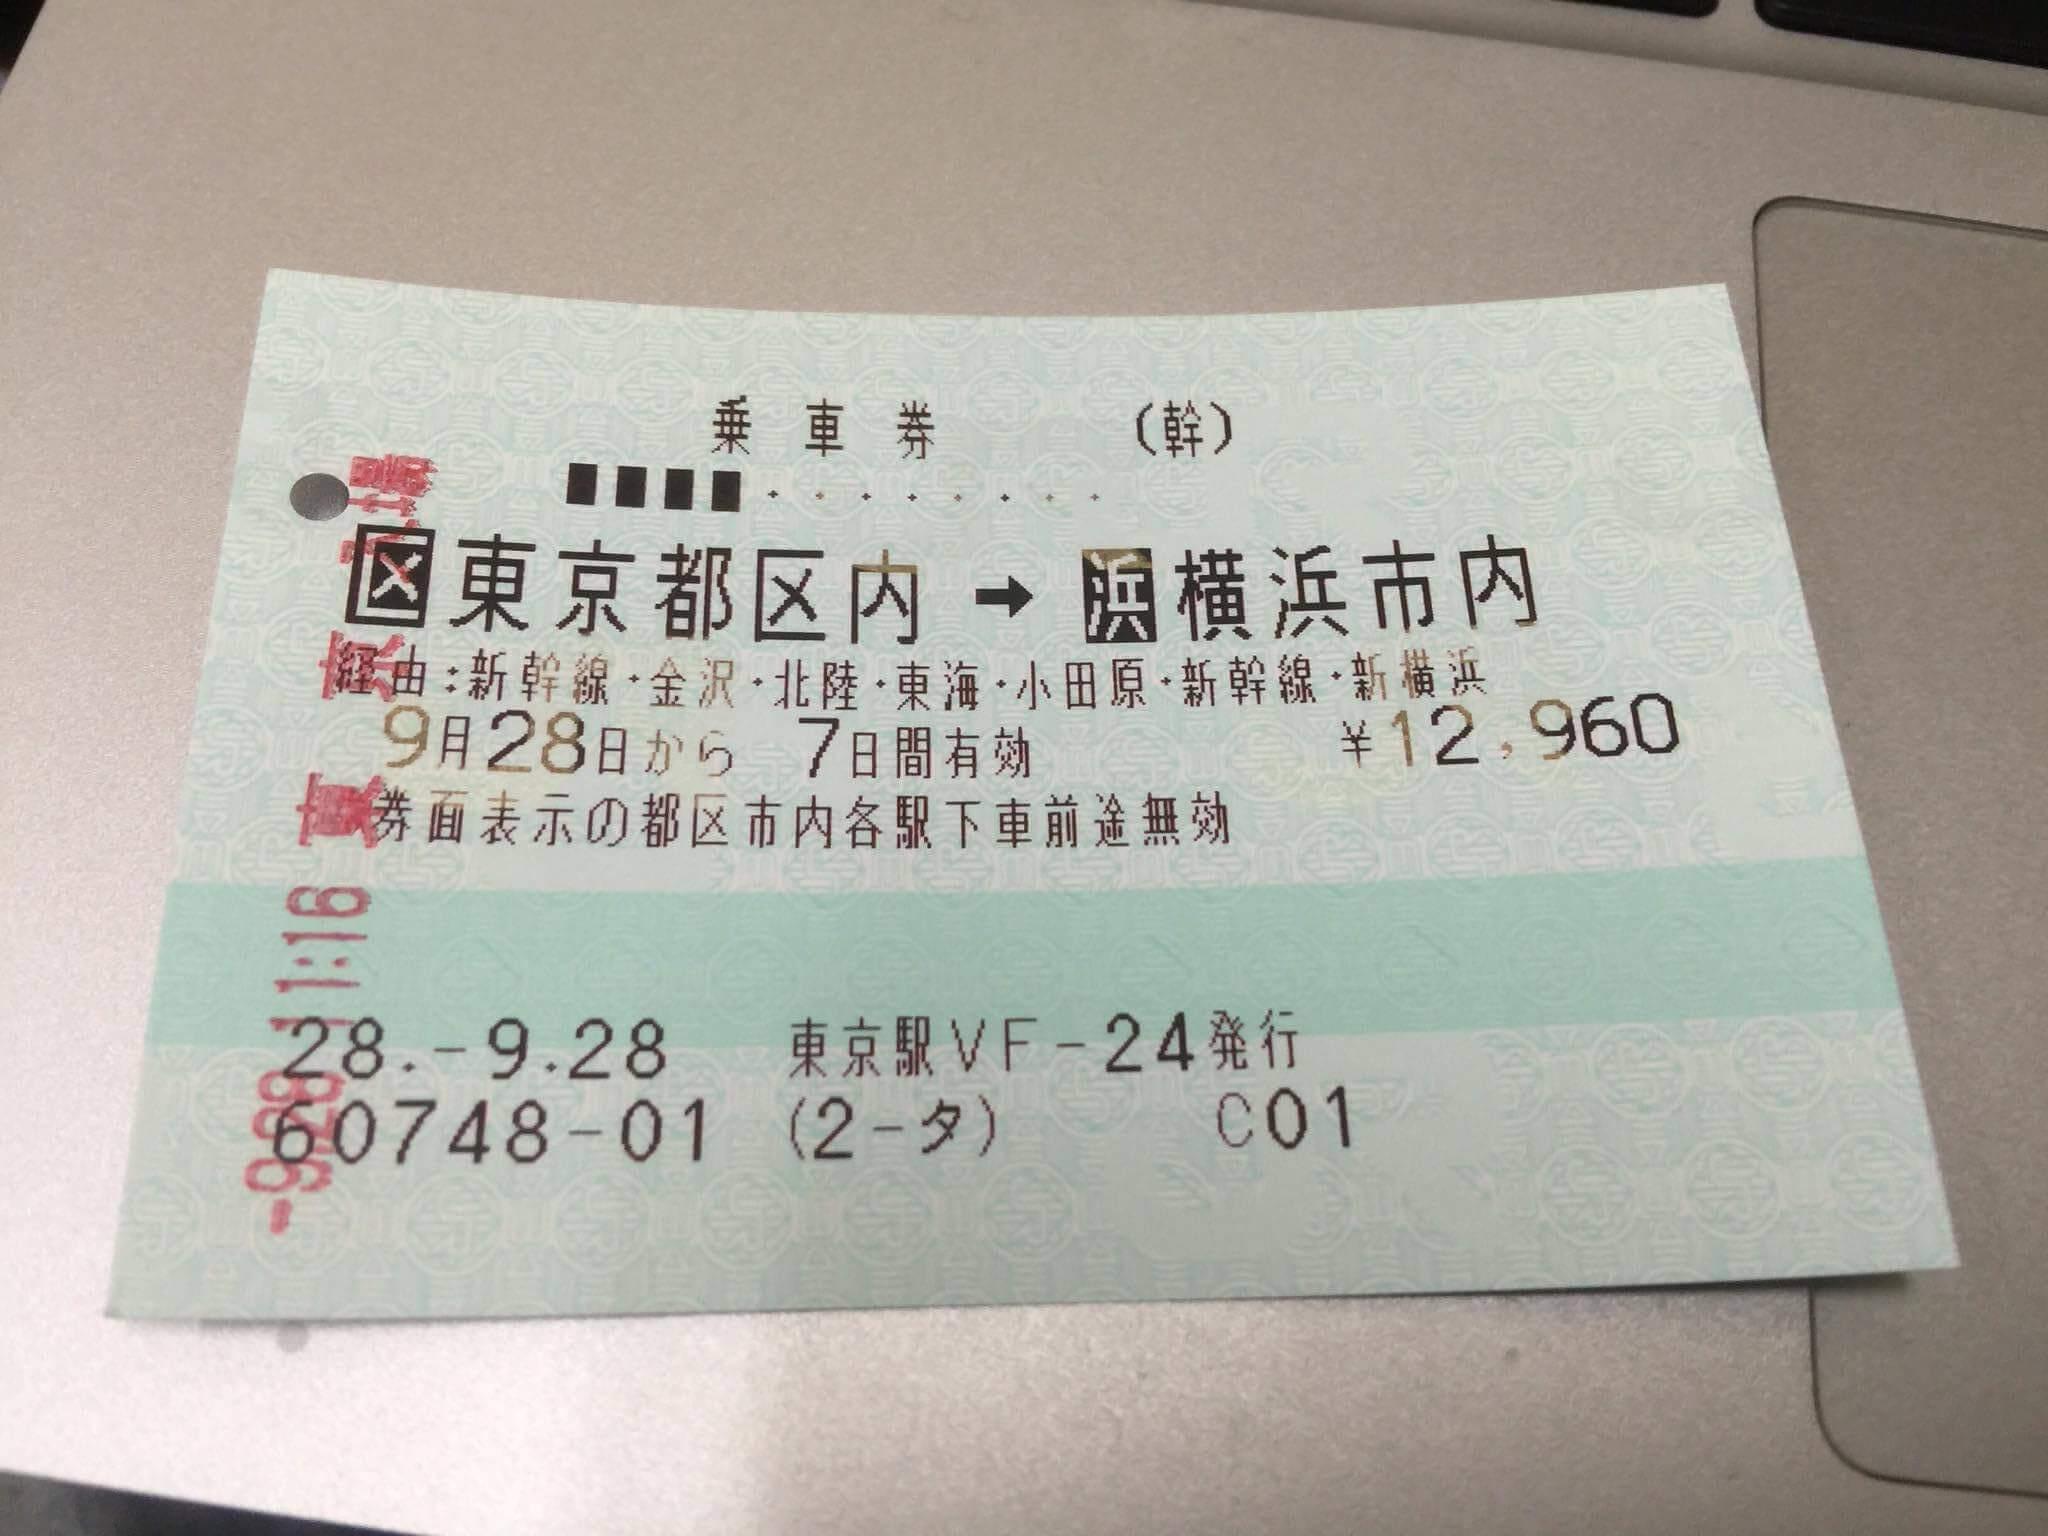 東京福井間・新幹線での格安移動方法! 途中下車可能で3,000円もお得!?